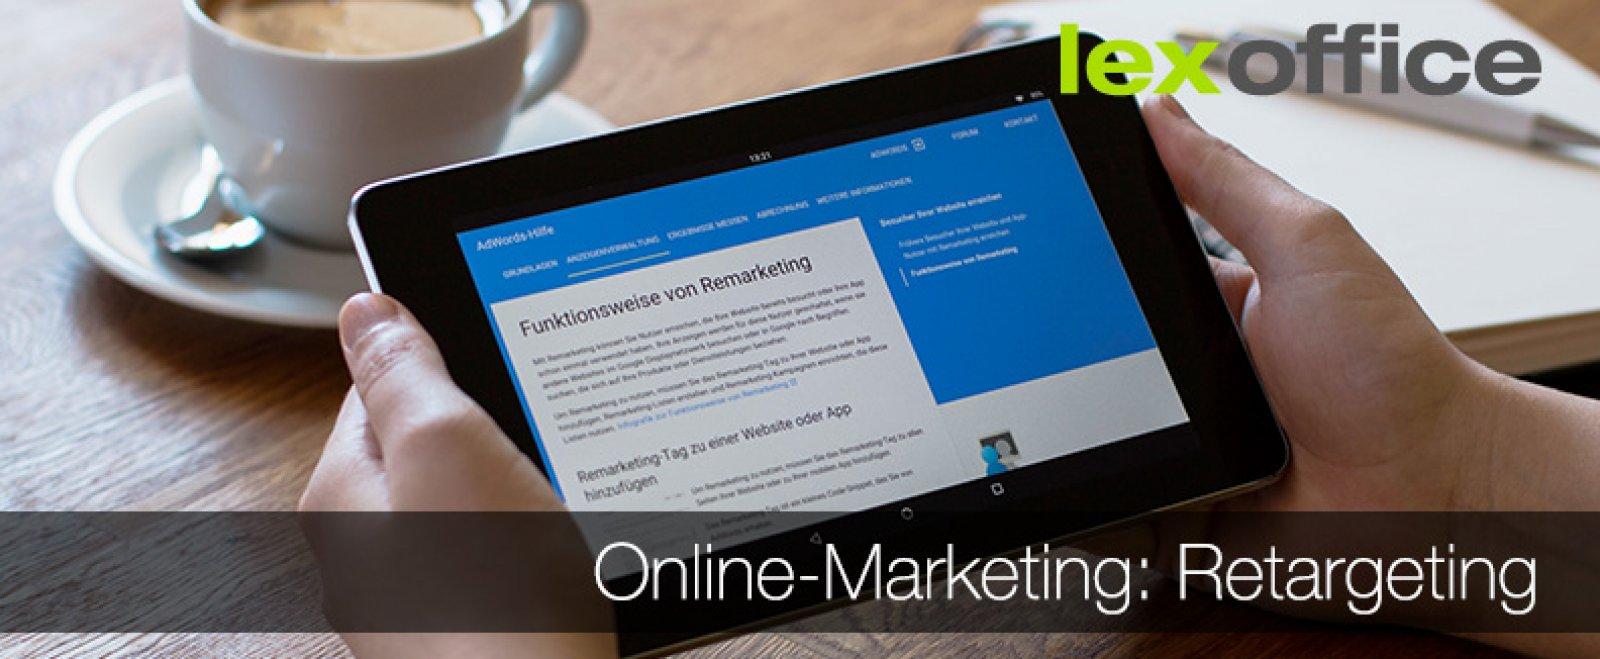 Online-Marketing für Einsteiger: Retargeting